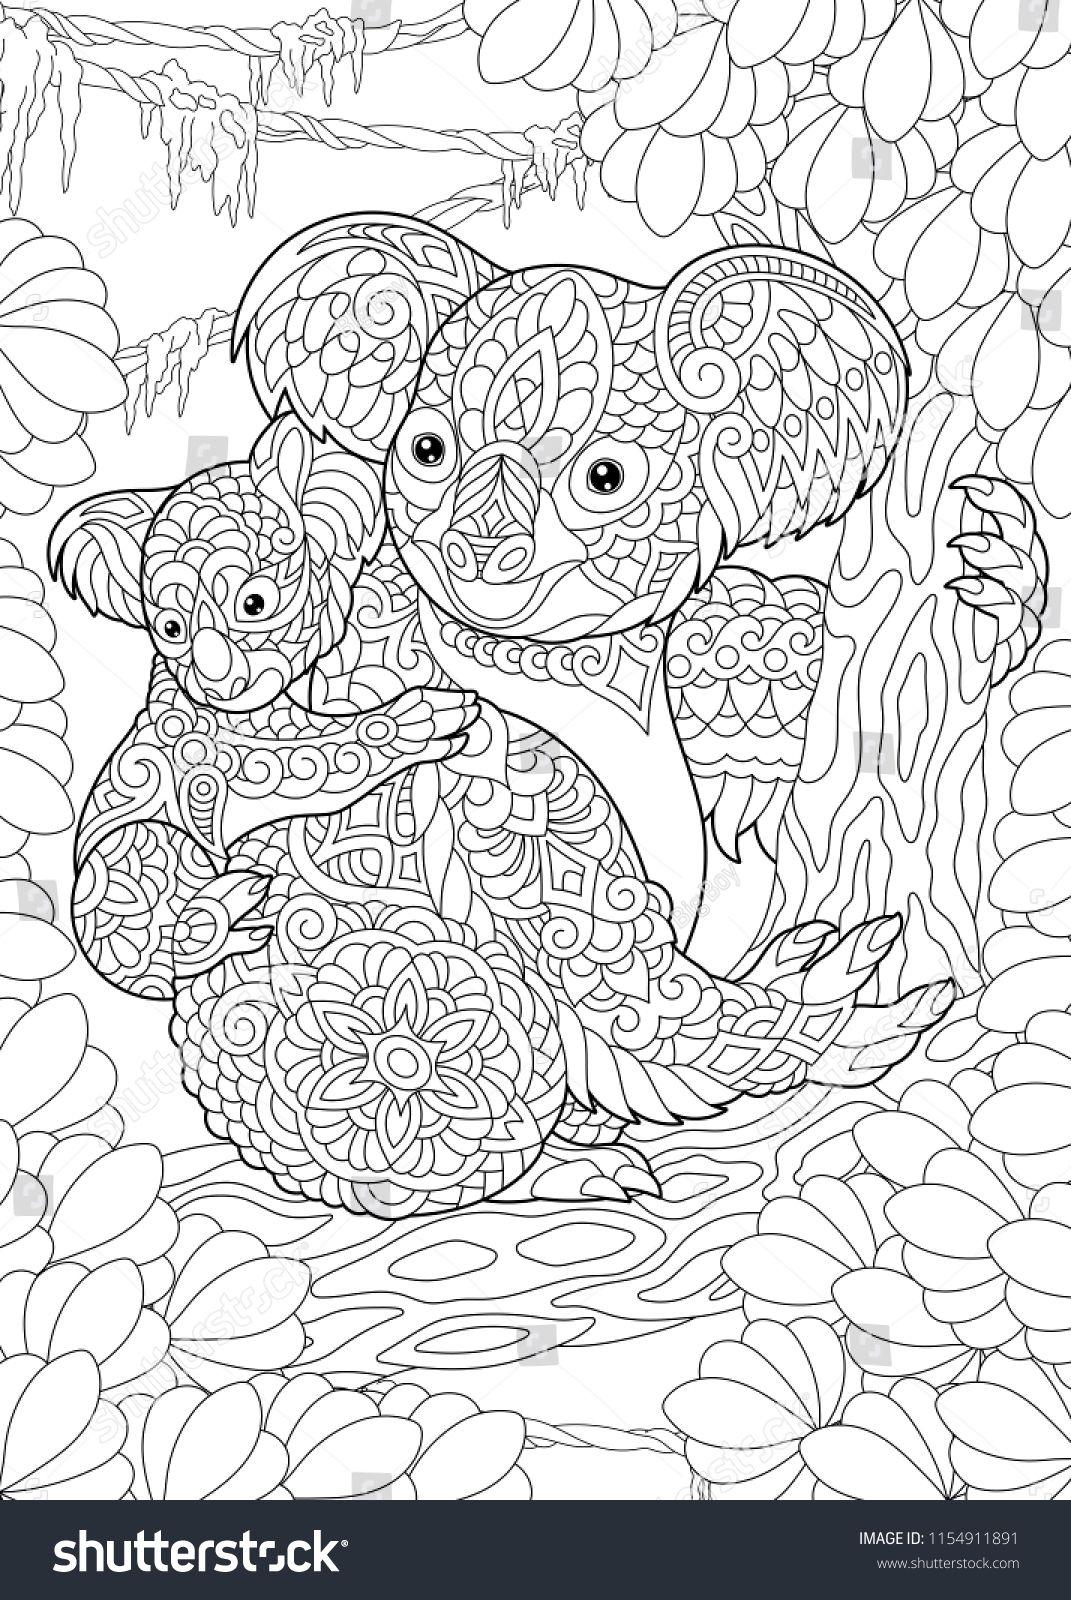 Pin Van Sienna Designs Op Color Kleurplaten Voor Kinderen Kleurplaten Coole Tekeningen